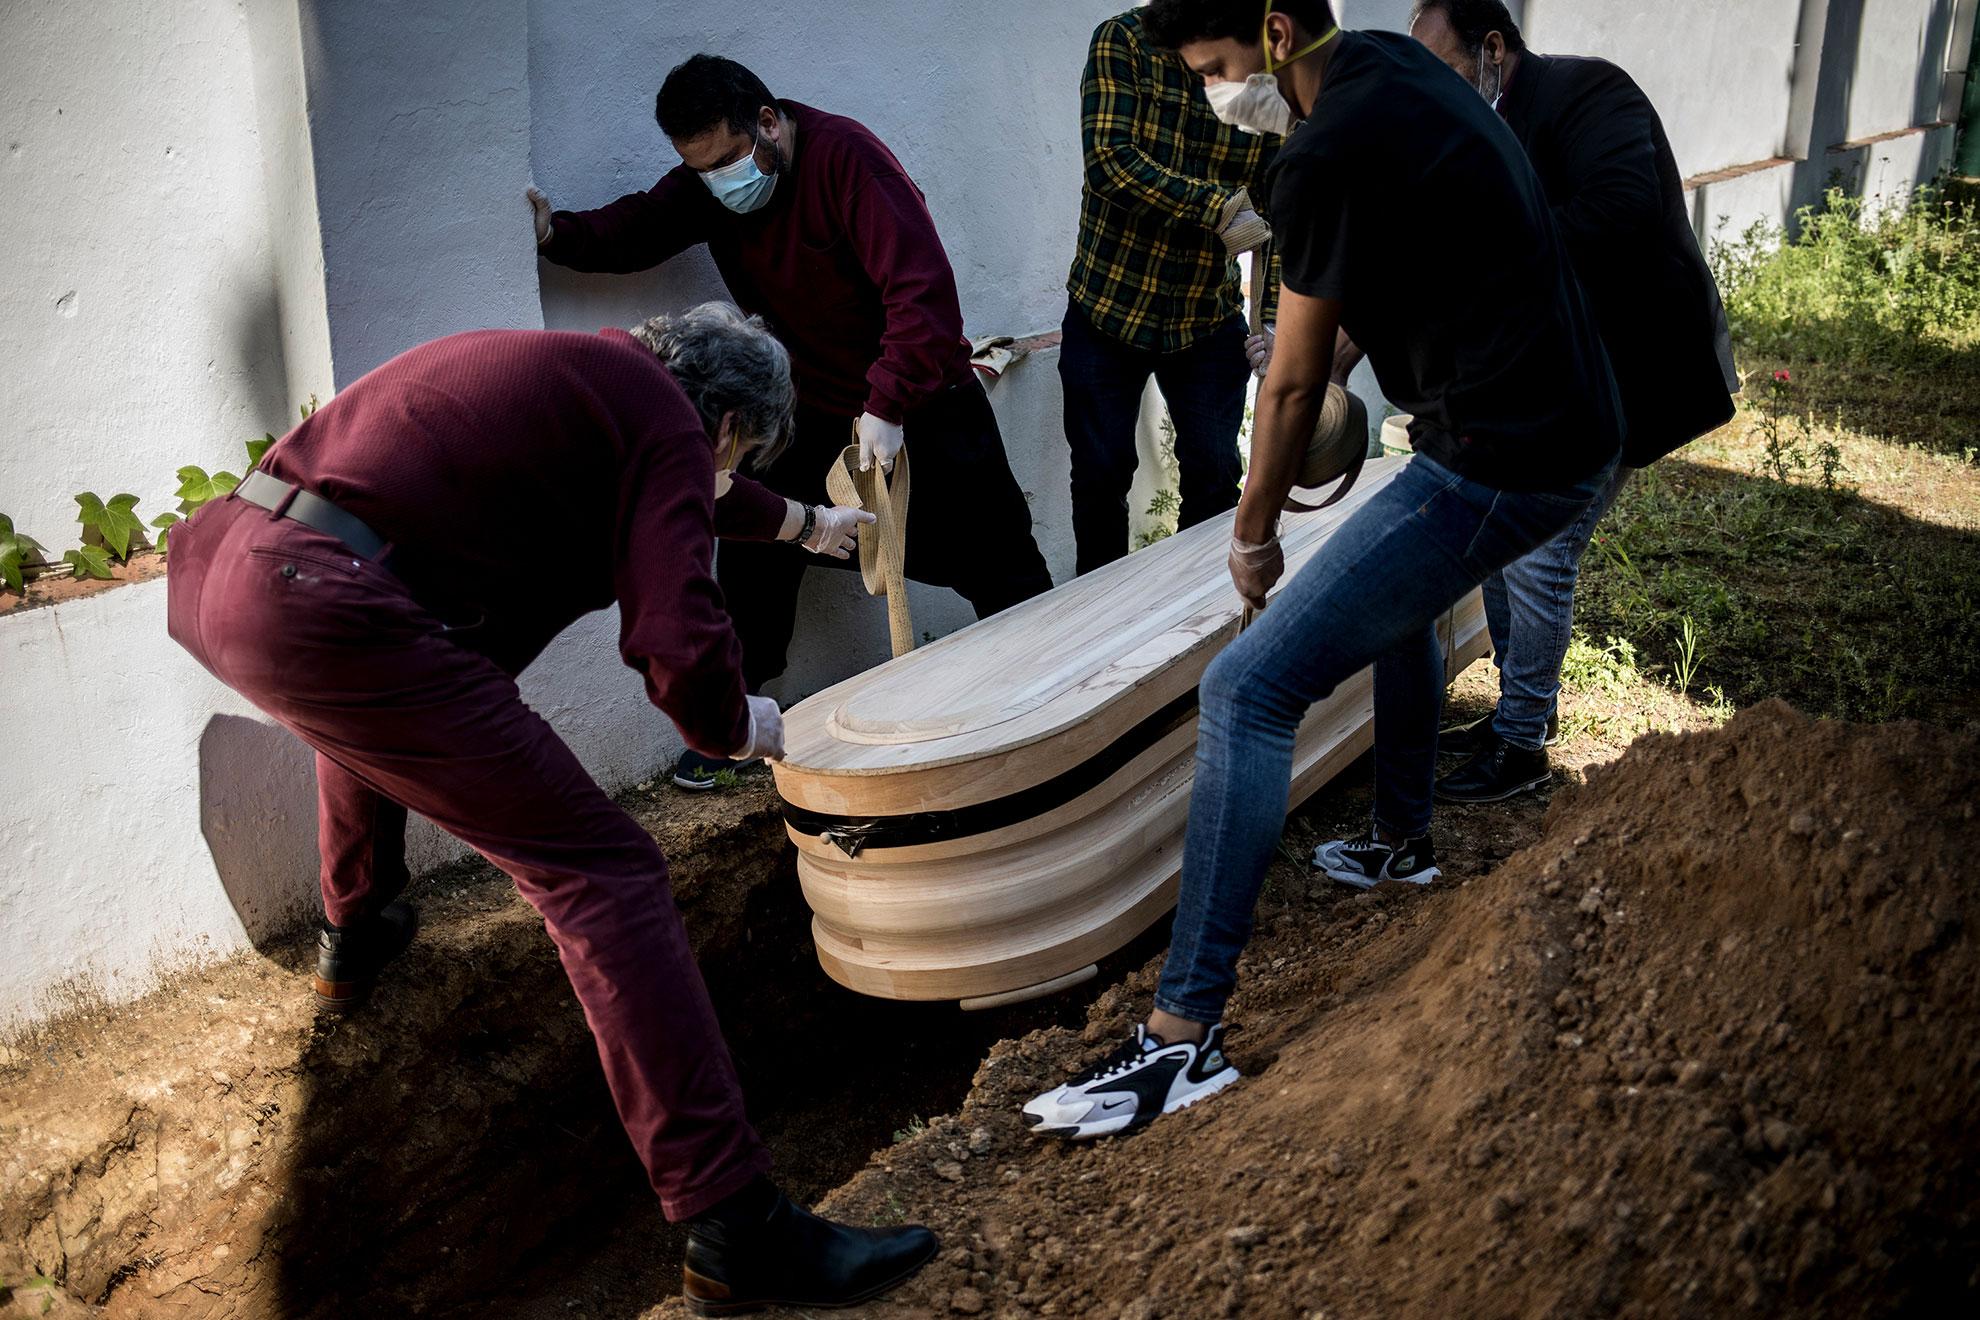 Trabajadores de la empresa funeraria y allegados introducen el ataúd sellado de una persona fallecida a causa de complicaciones por la infección del virus COVID-19 en su tumba. El fallecido, un varón de 77 años de origen marroquí, falleció en el hospital de Algeciras pero ha sido enterrado en el cementerio de Jerez, ya que dicho camposanto cuenta con un cementerio musulmán propio, el único en la provincia de Cádiz.